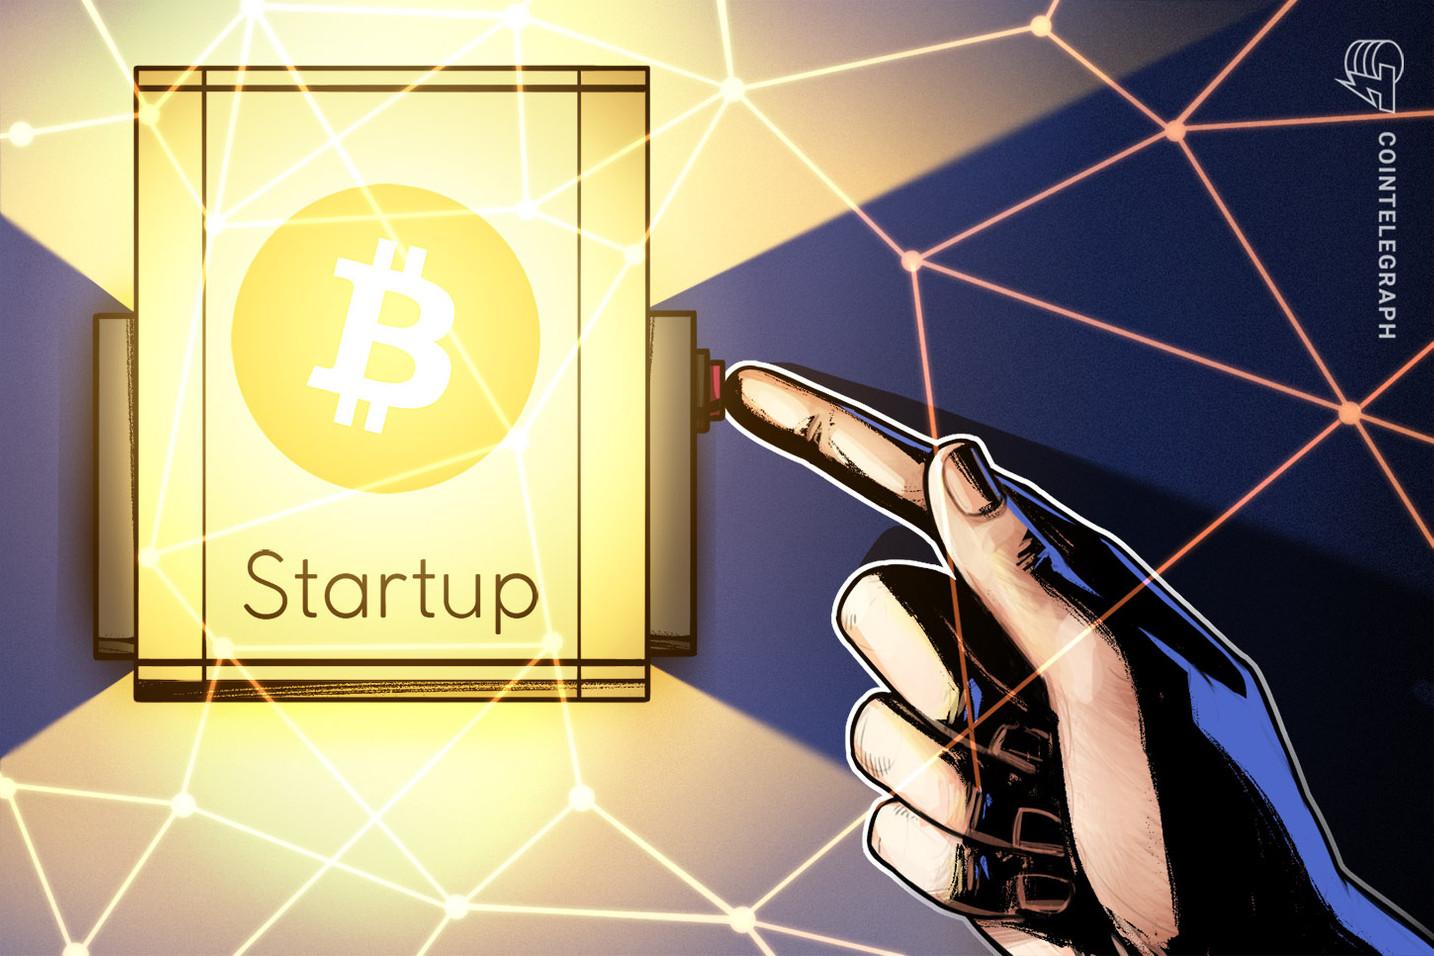 Startup tiene como objetivo listar los productos de Bitcoin en las bolsas de Frankfurt y Luxemburgo